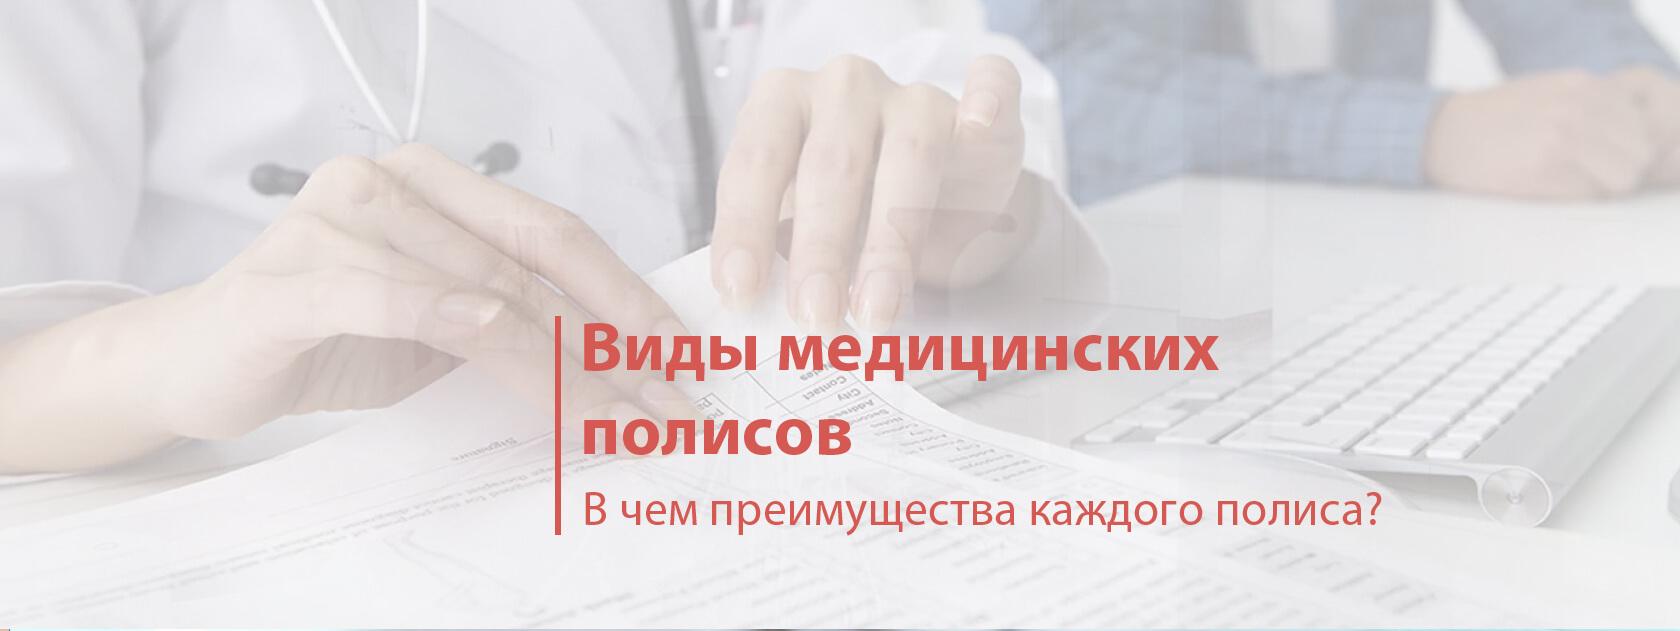 Виды медицинских полисов